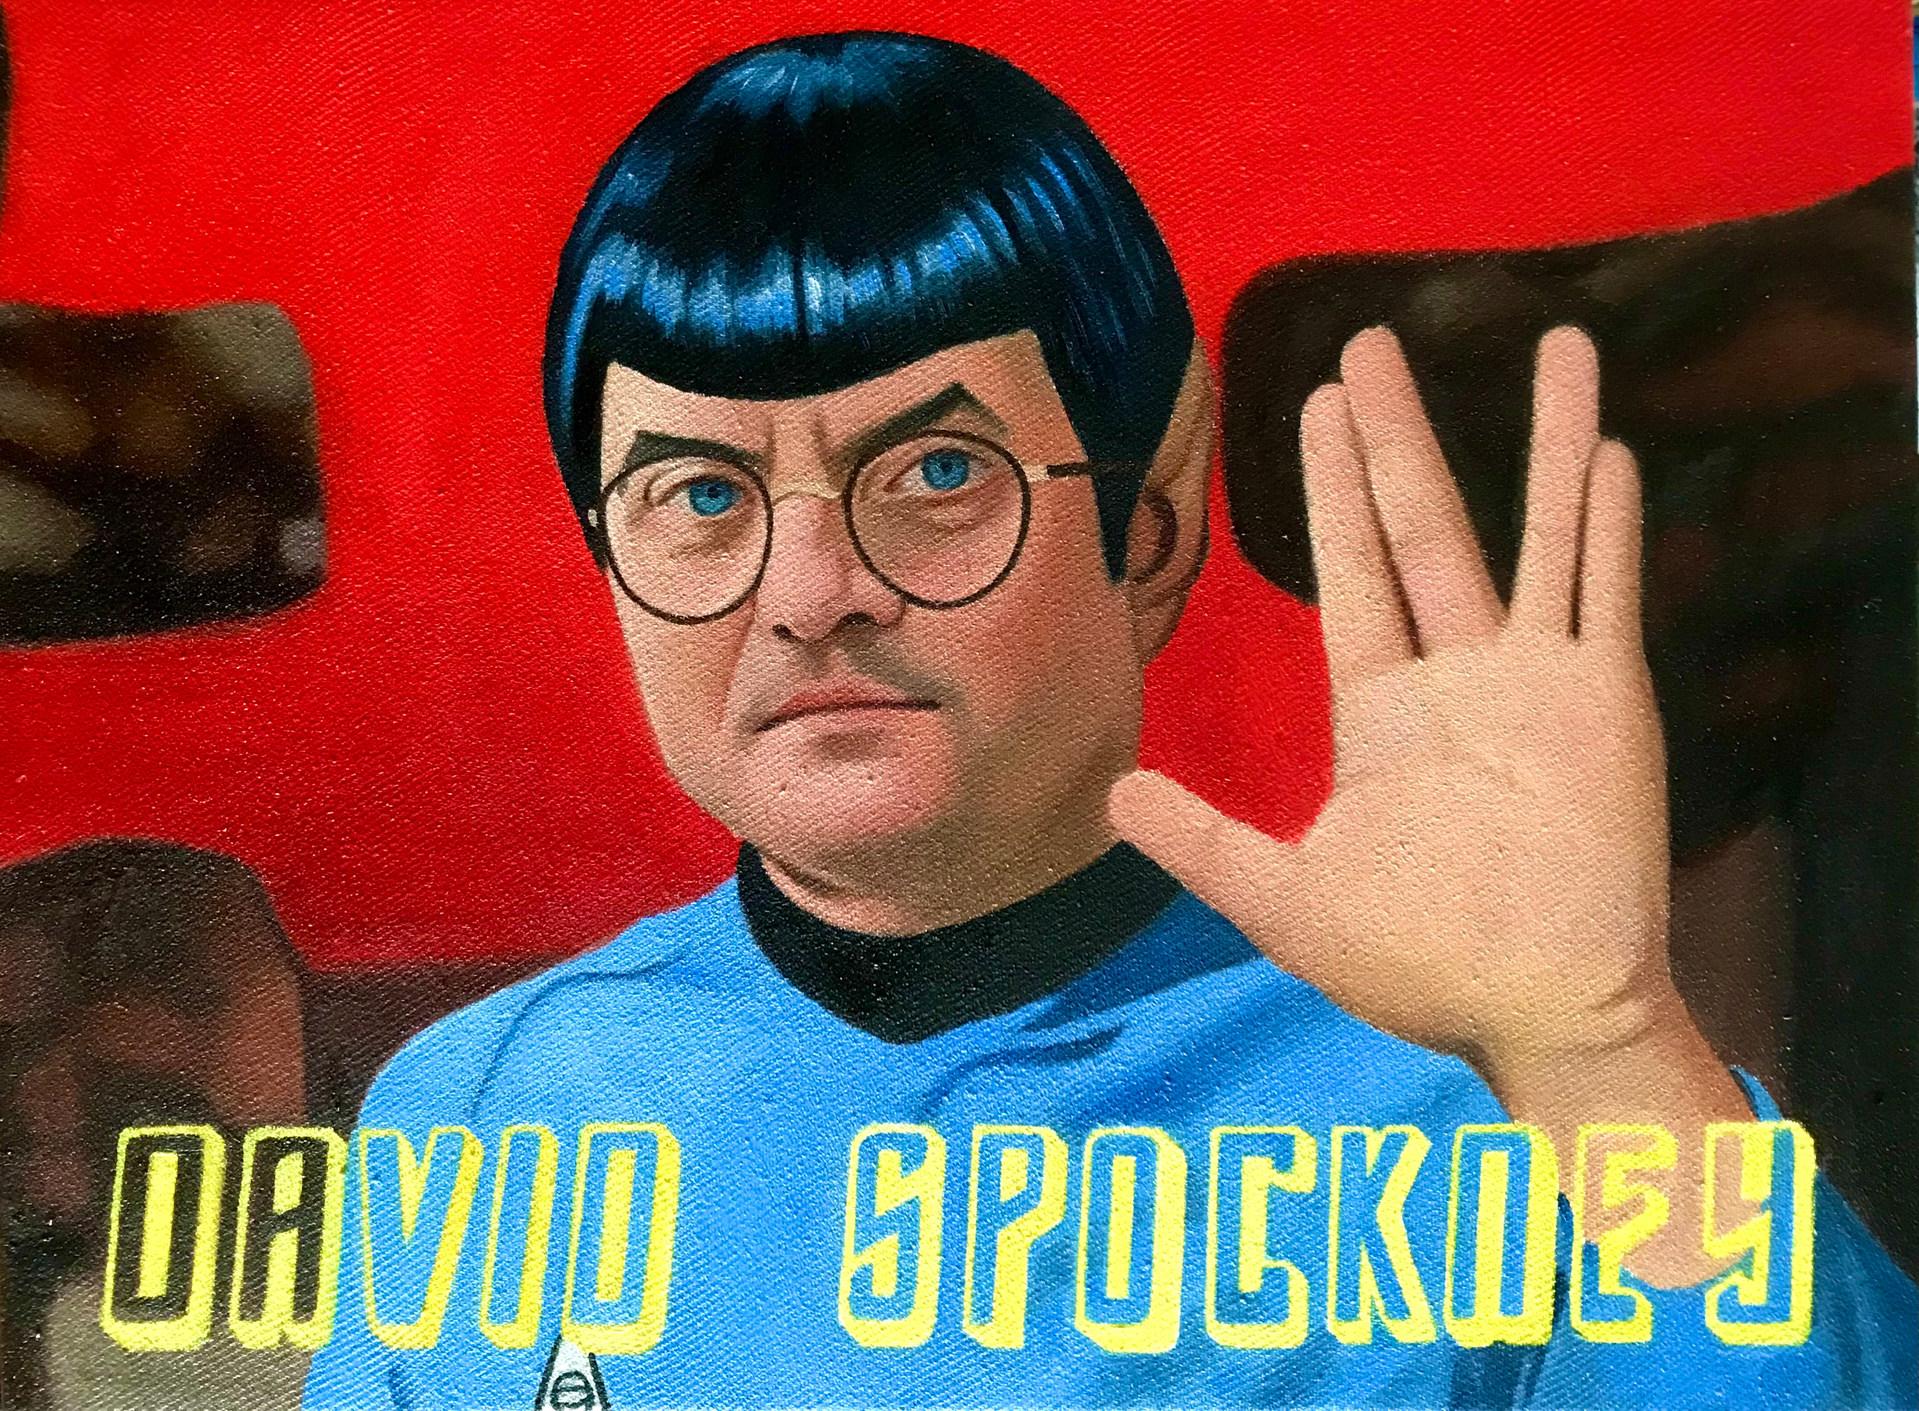 David Spockney